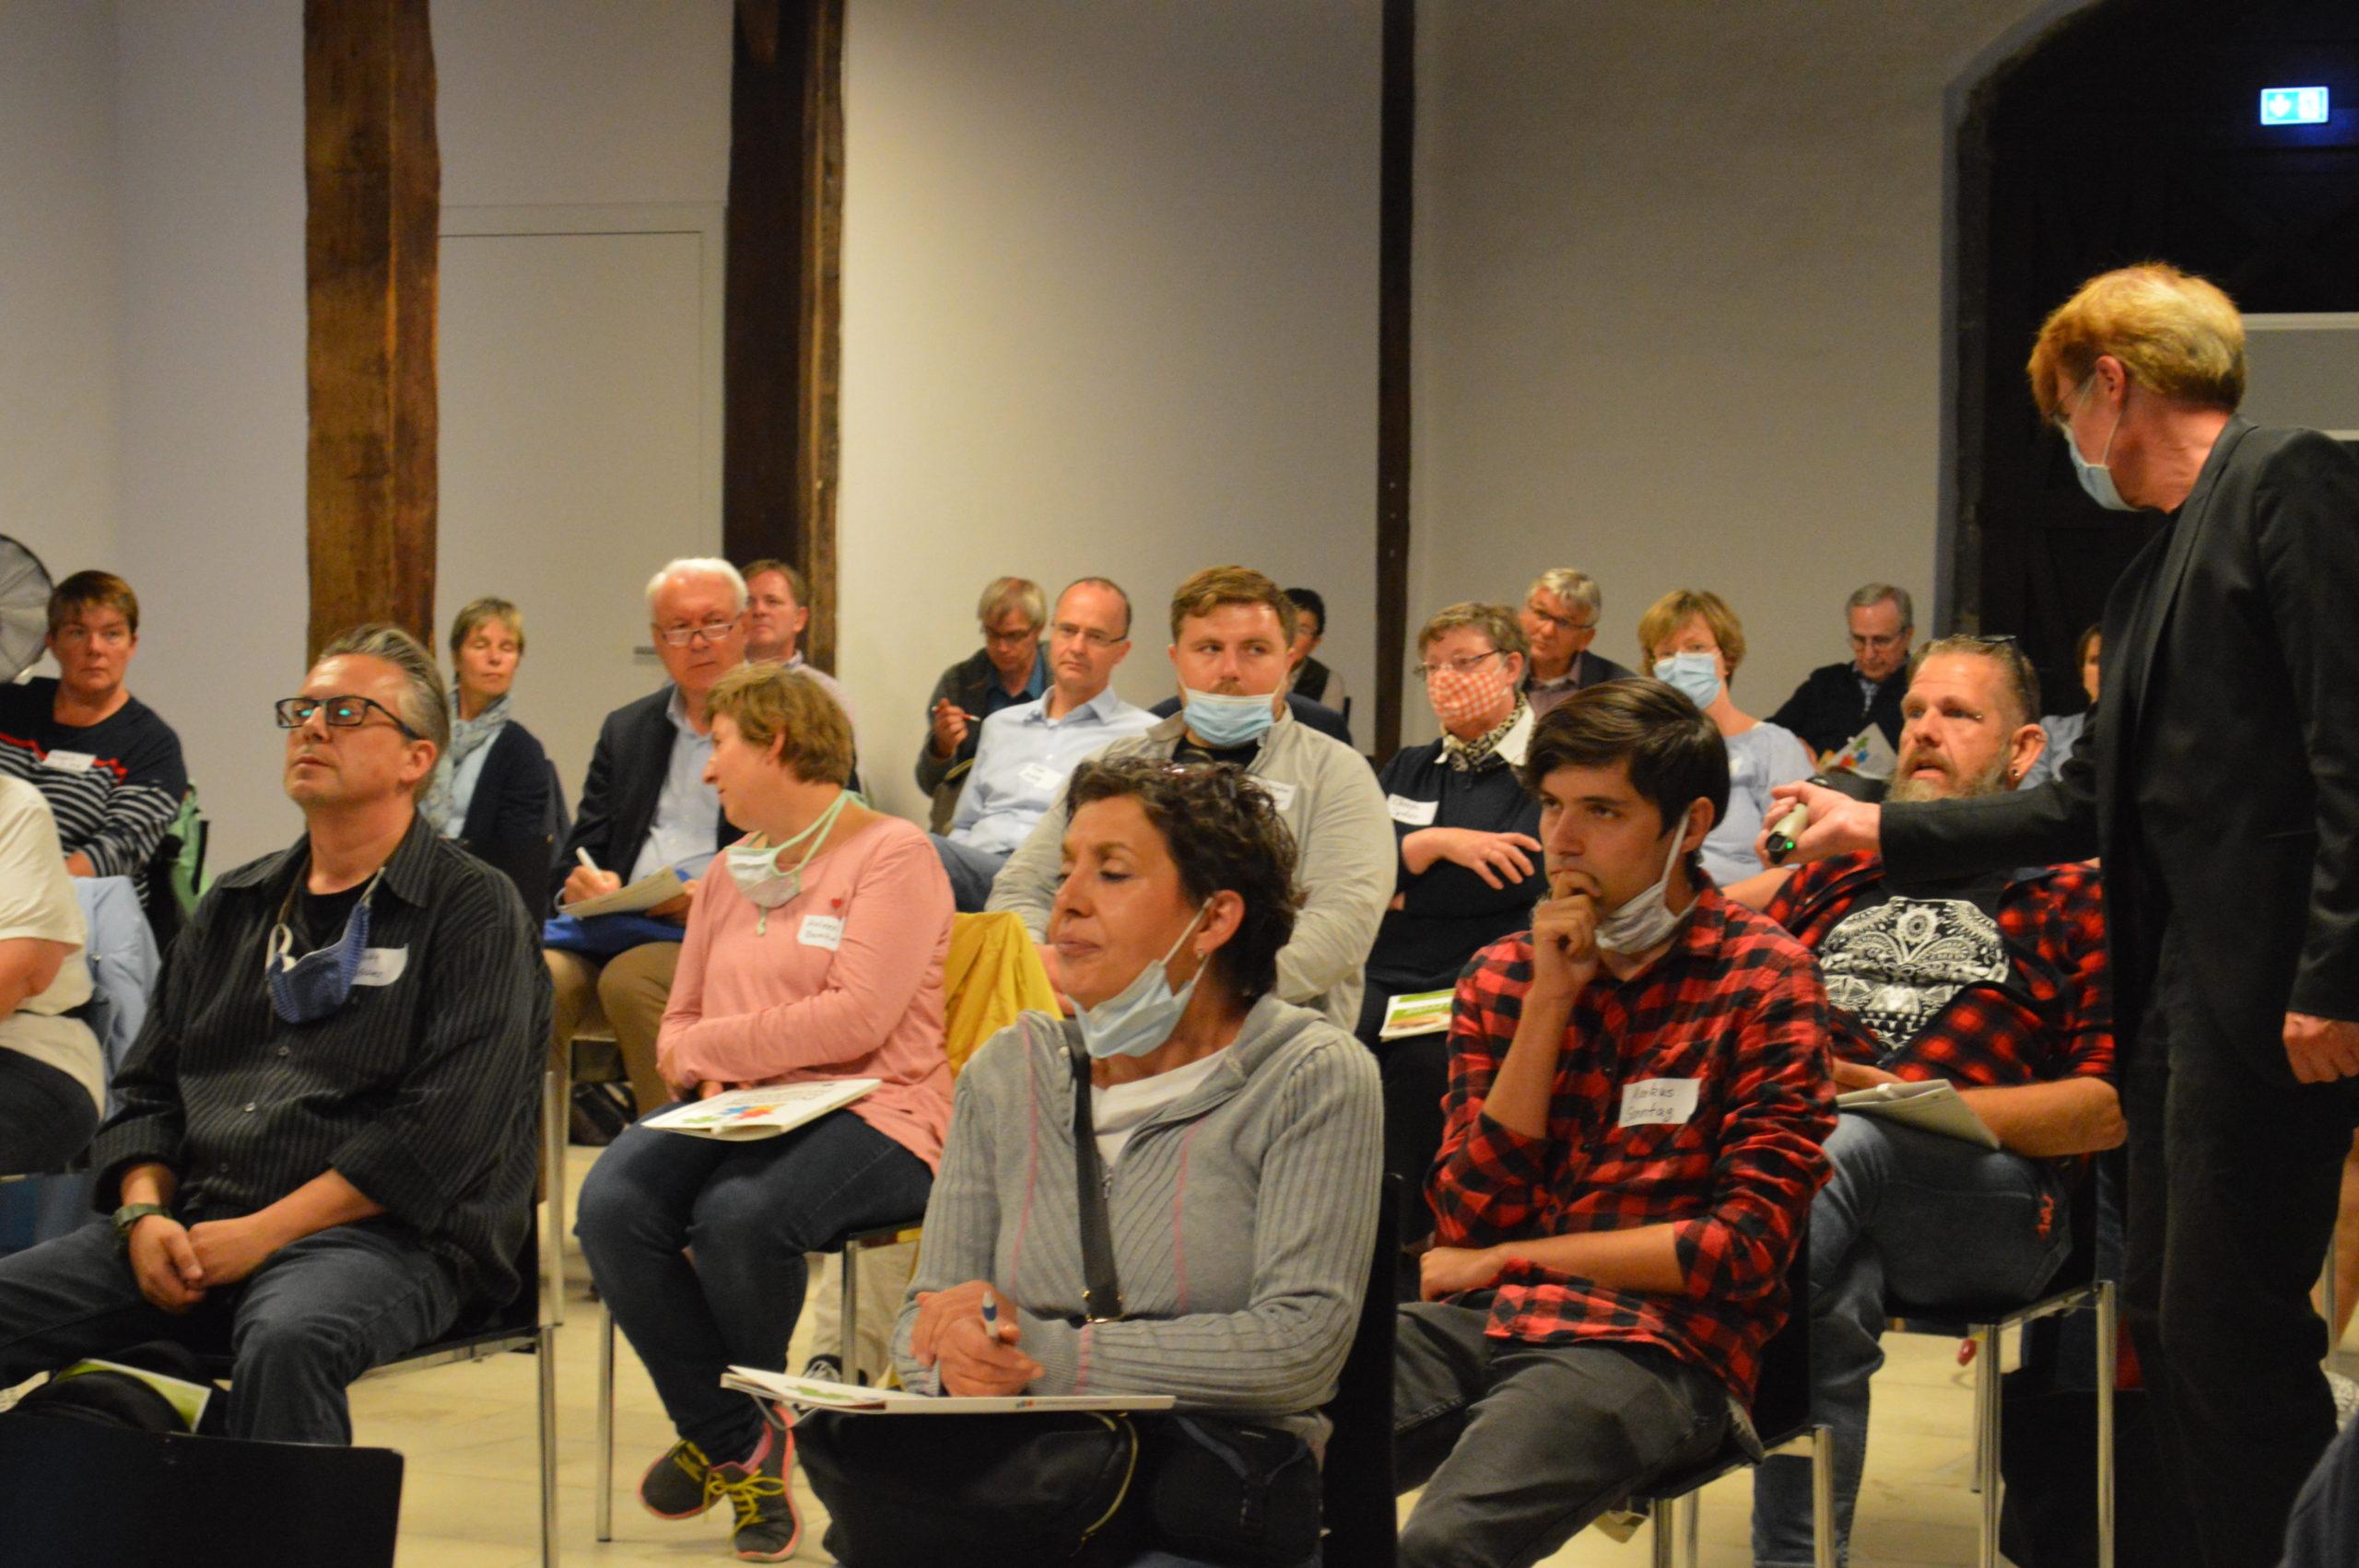 Blick in die Menge: Viele Interessierte sitzen mit Abstand und schauen in Richtung Bühne. Ein Mitarbeiter des Kreises hält einem der Teilnehmer ein Mikrofon hin, damit alle seine Wortmeldung verstehen können..